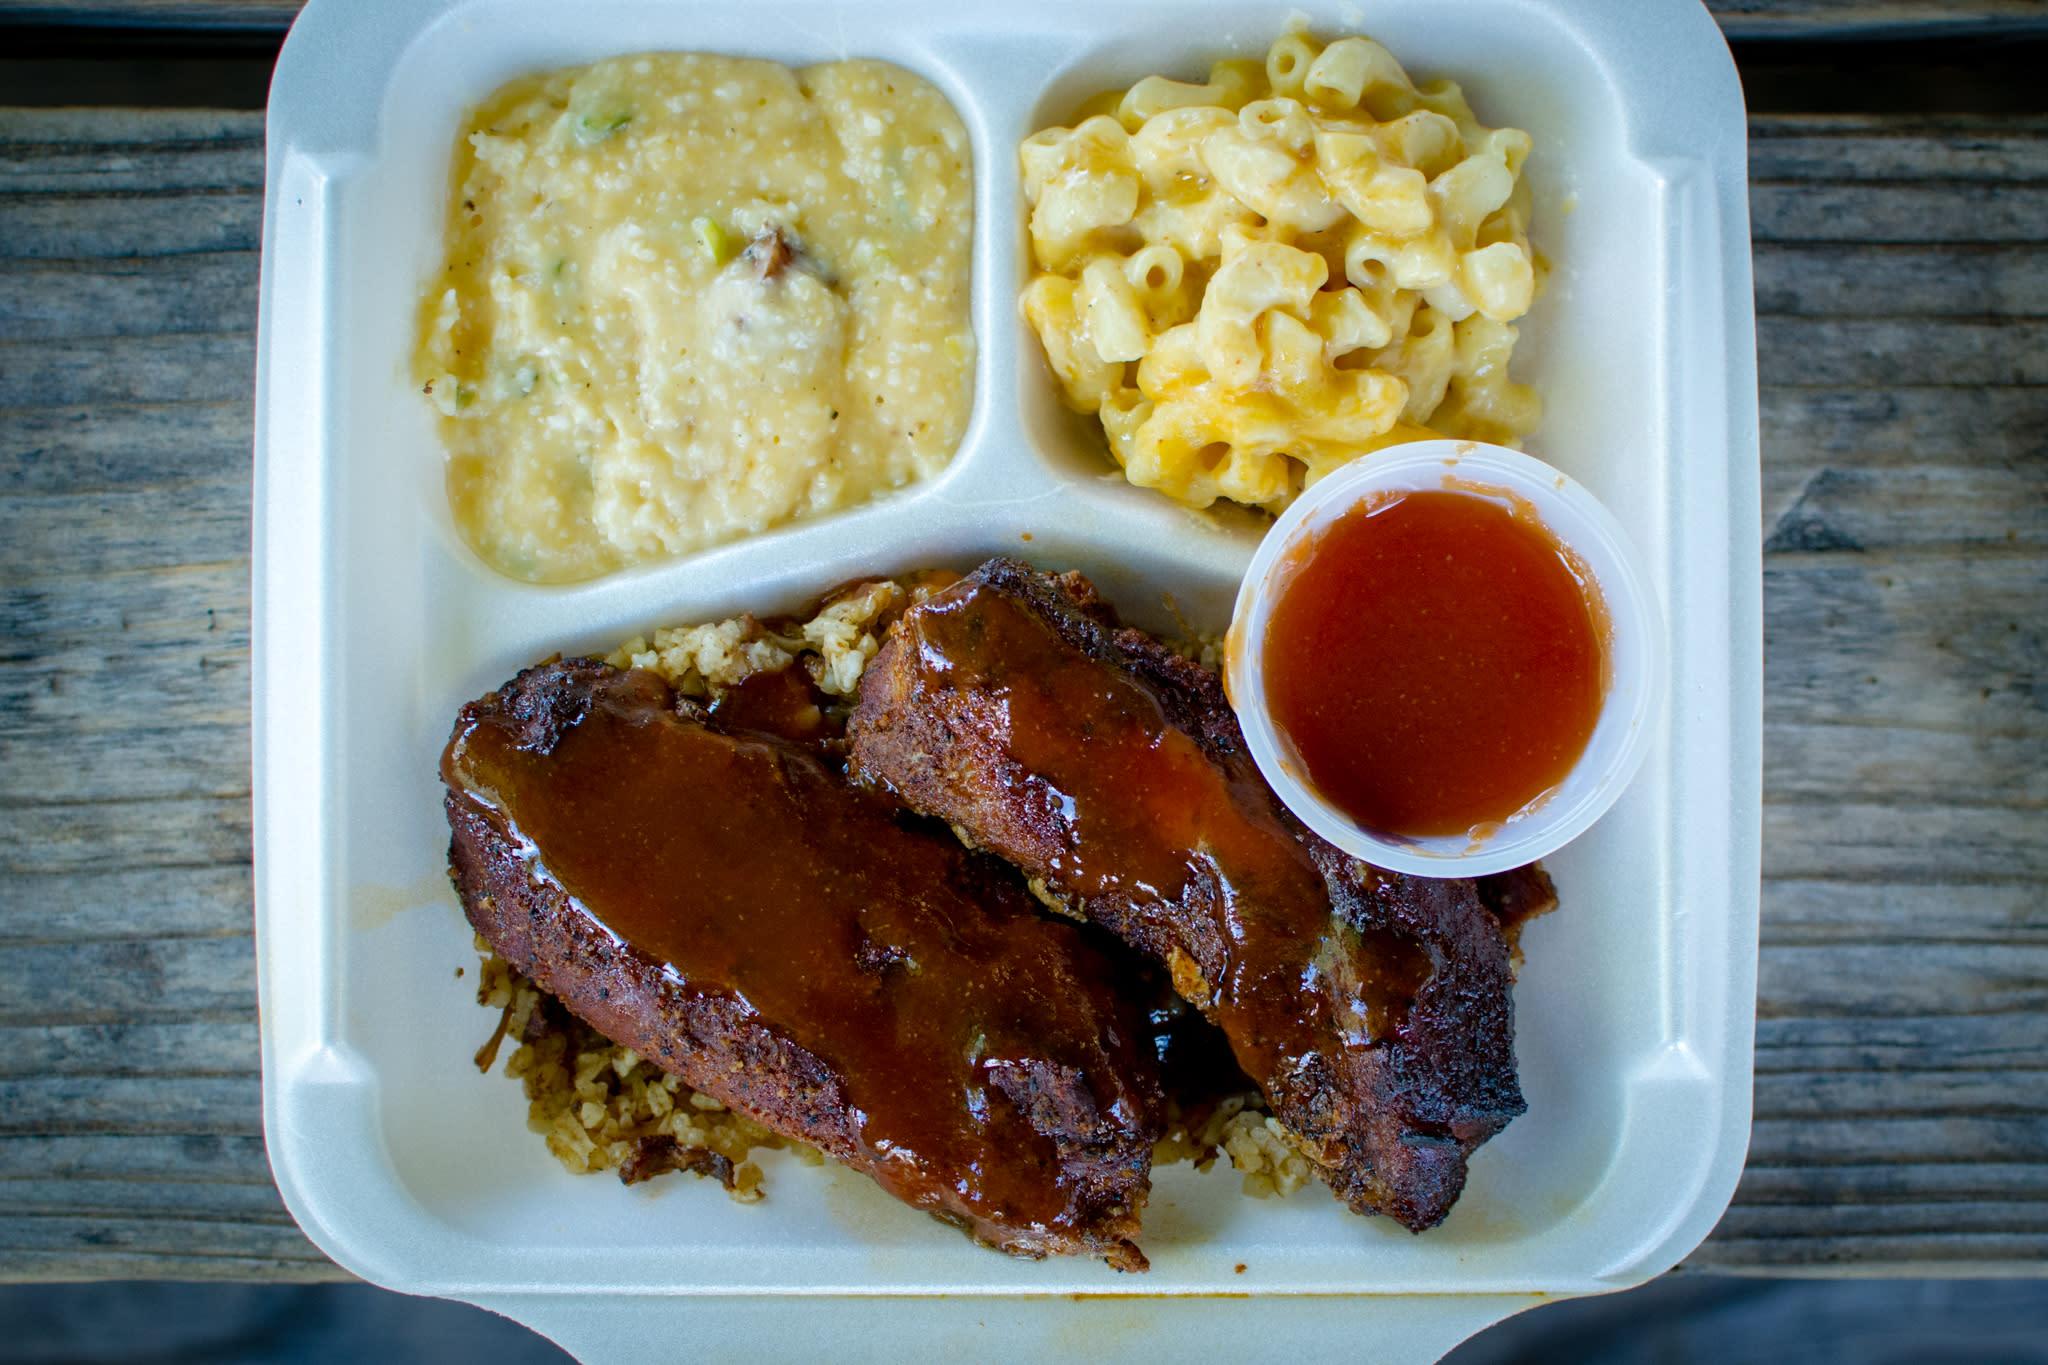 Johnson's Boucaniere Plate Lunch